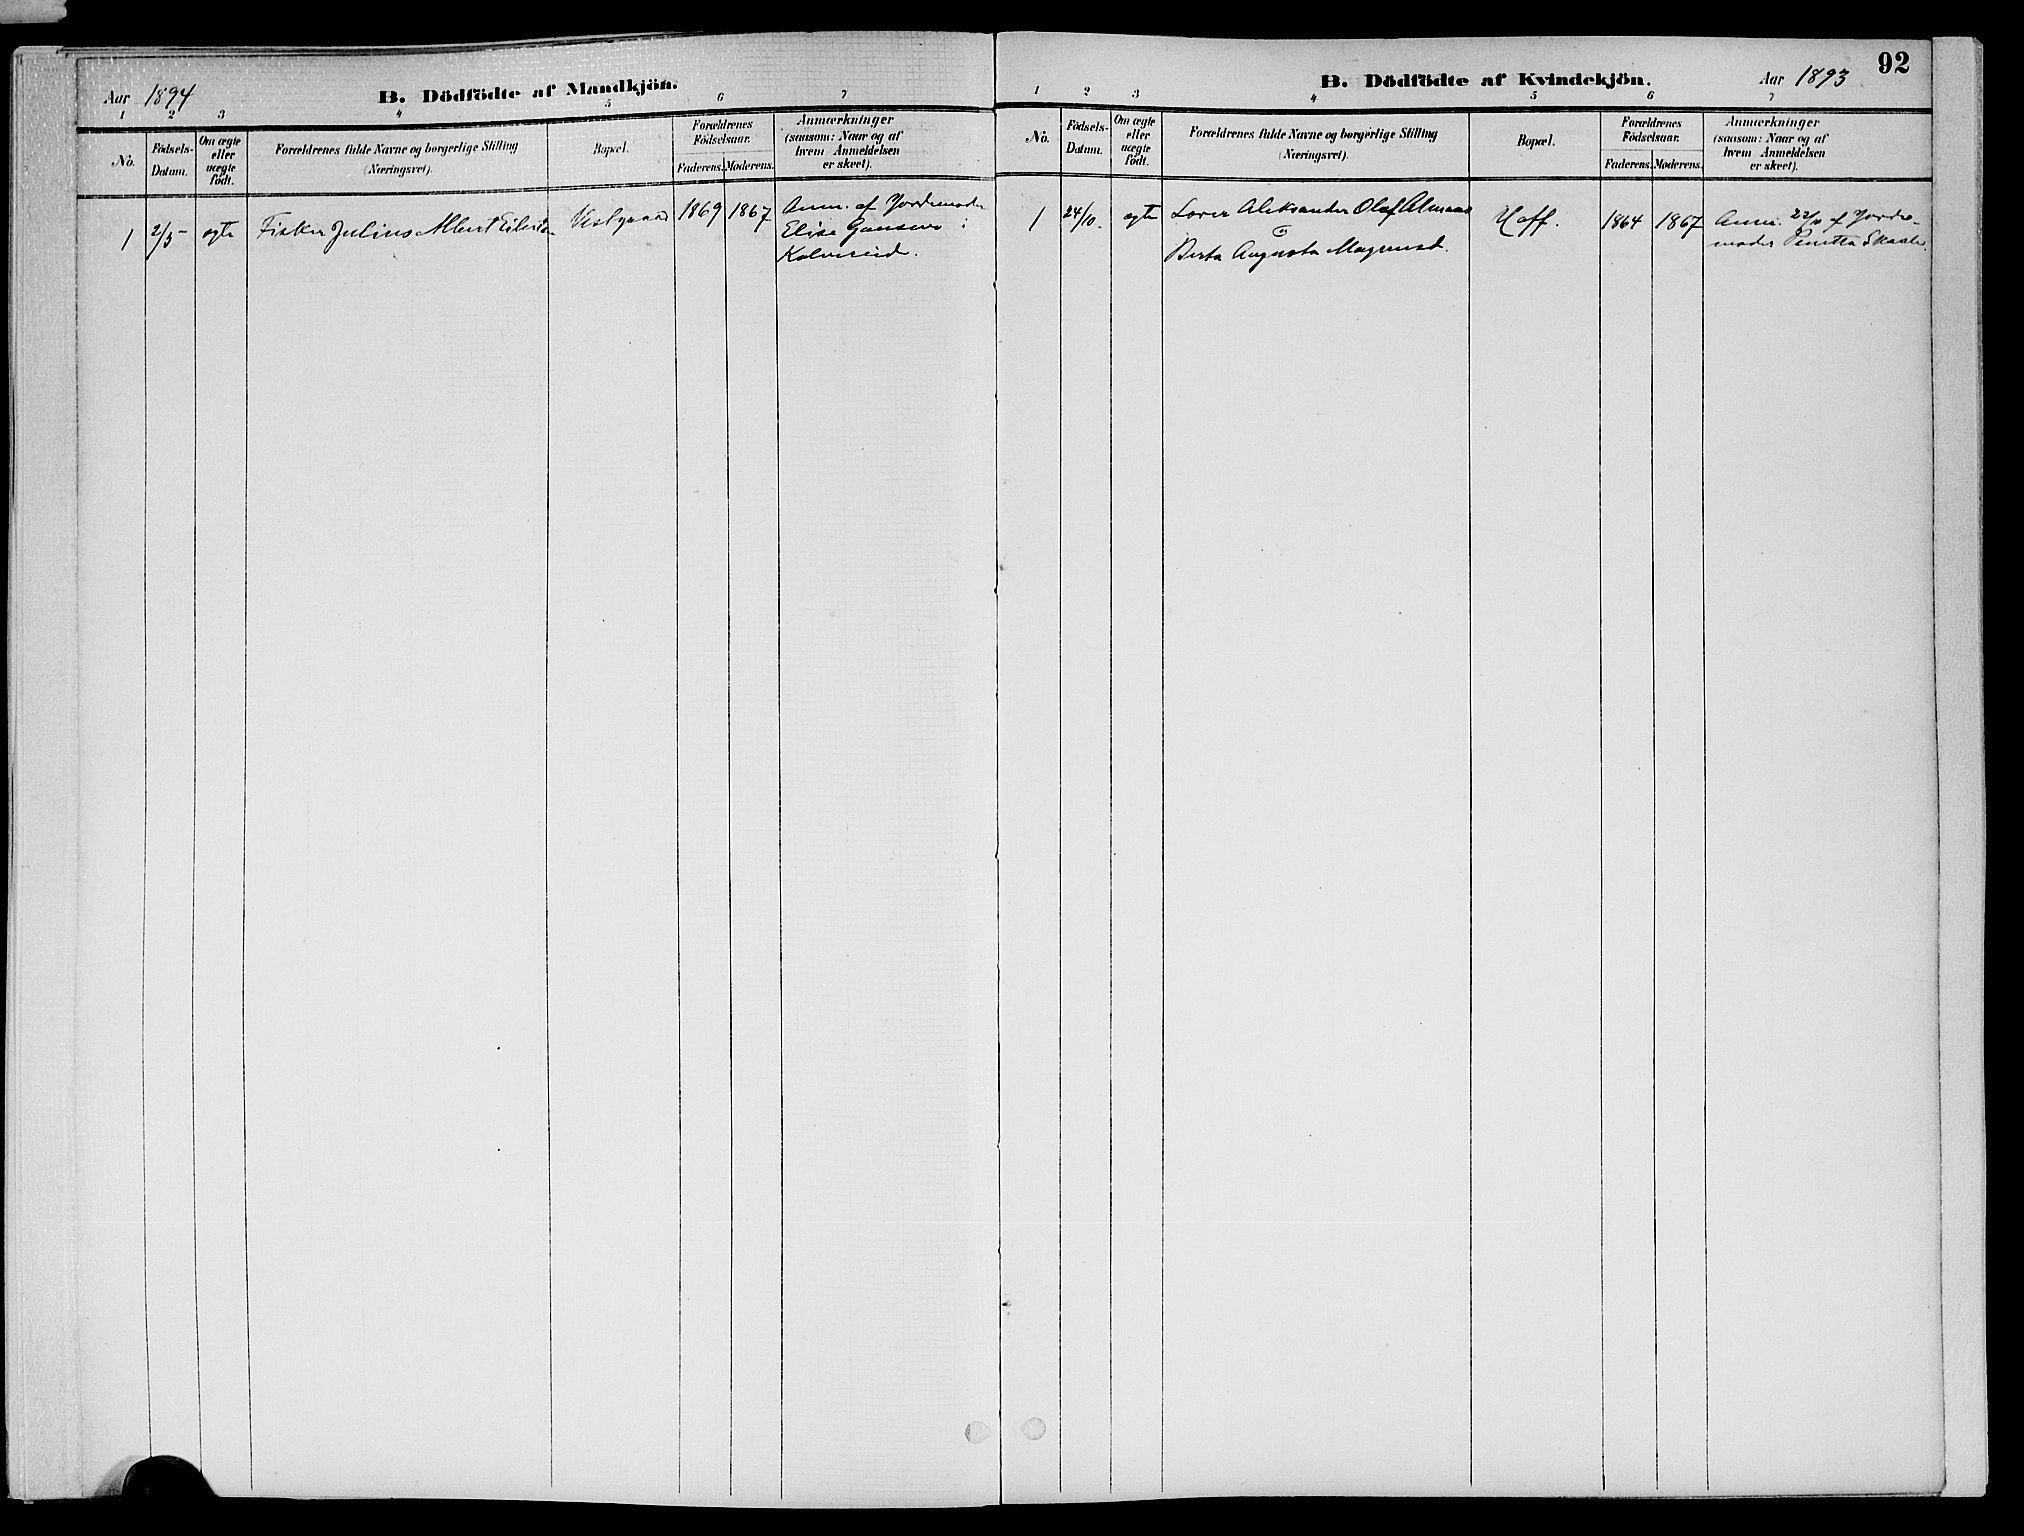 SAT, Ministerialprotokoller, klokkerbøker og fødselsregistre - Nord-Trøndelag, 773/L0617: Ministerialbok nr. 773A08, 1887-1910, s. 92